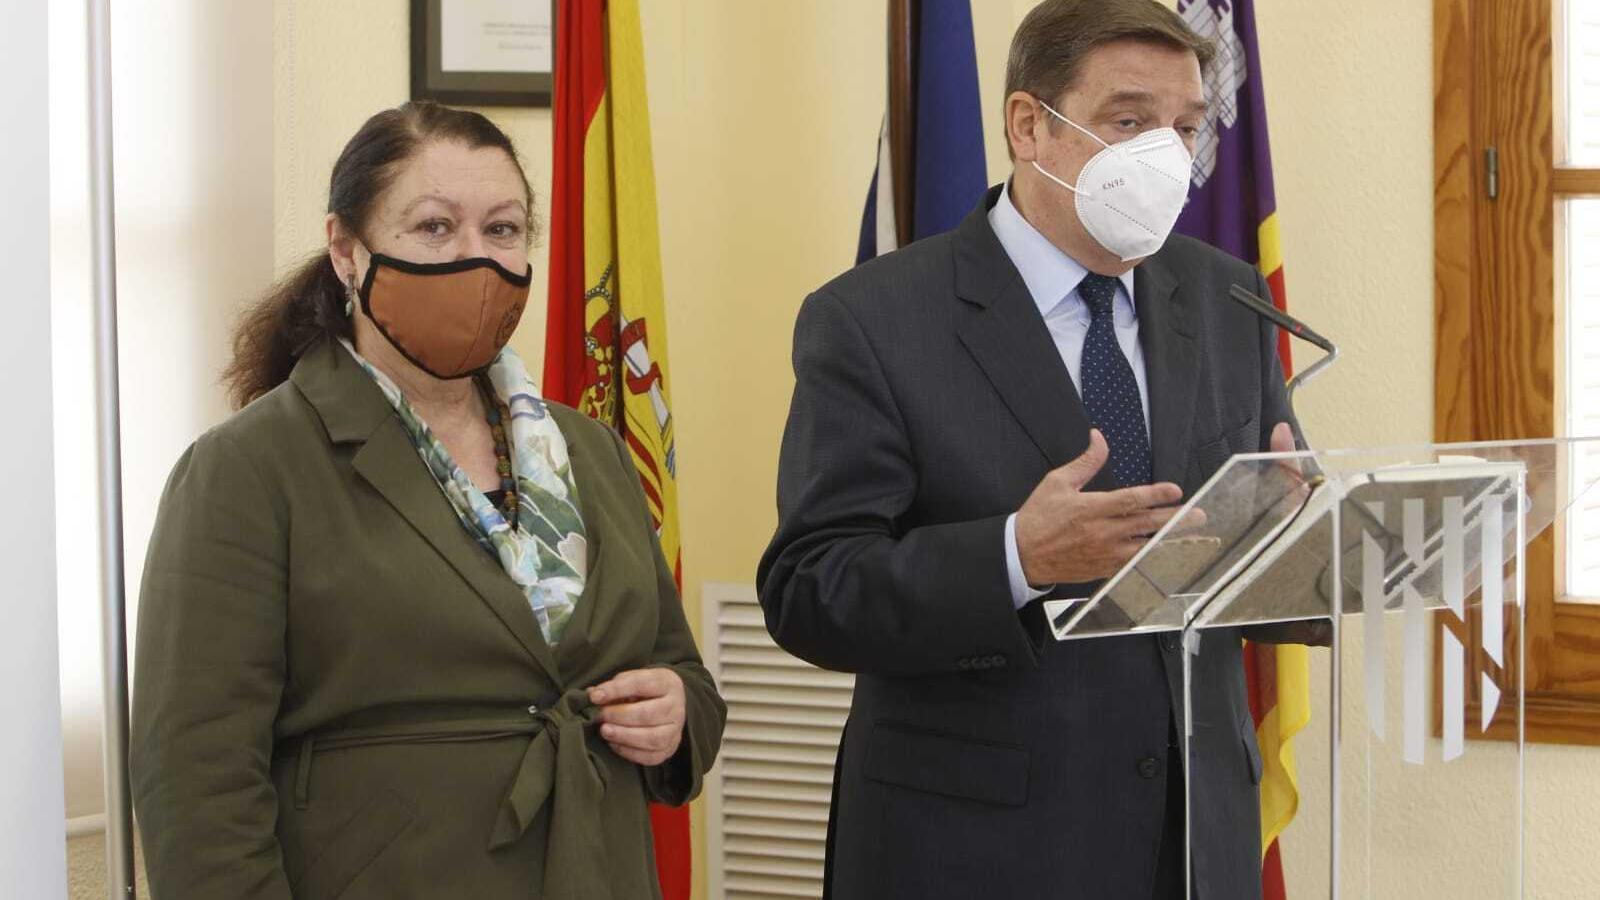 La consellera d'Agricultura, Mae de la Concha, amb el ministre Luis Planas